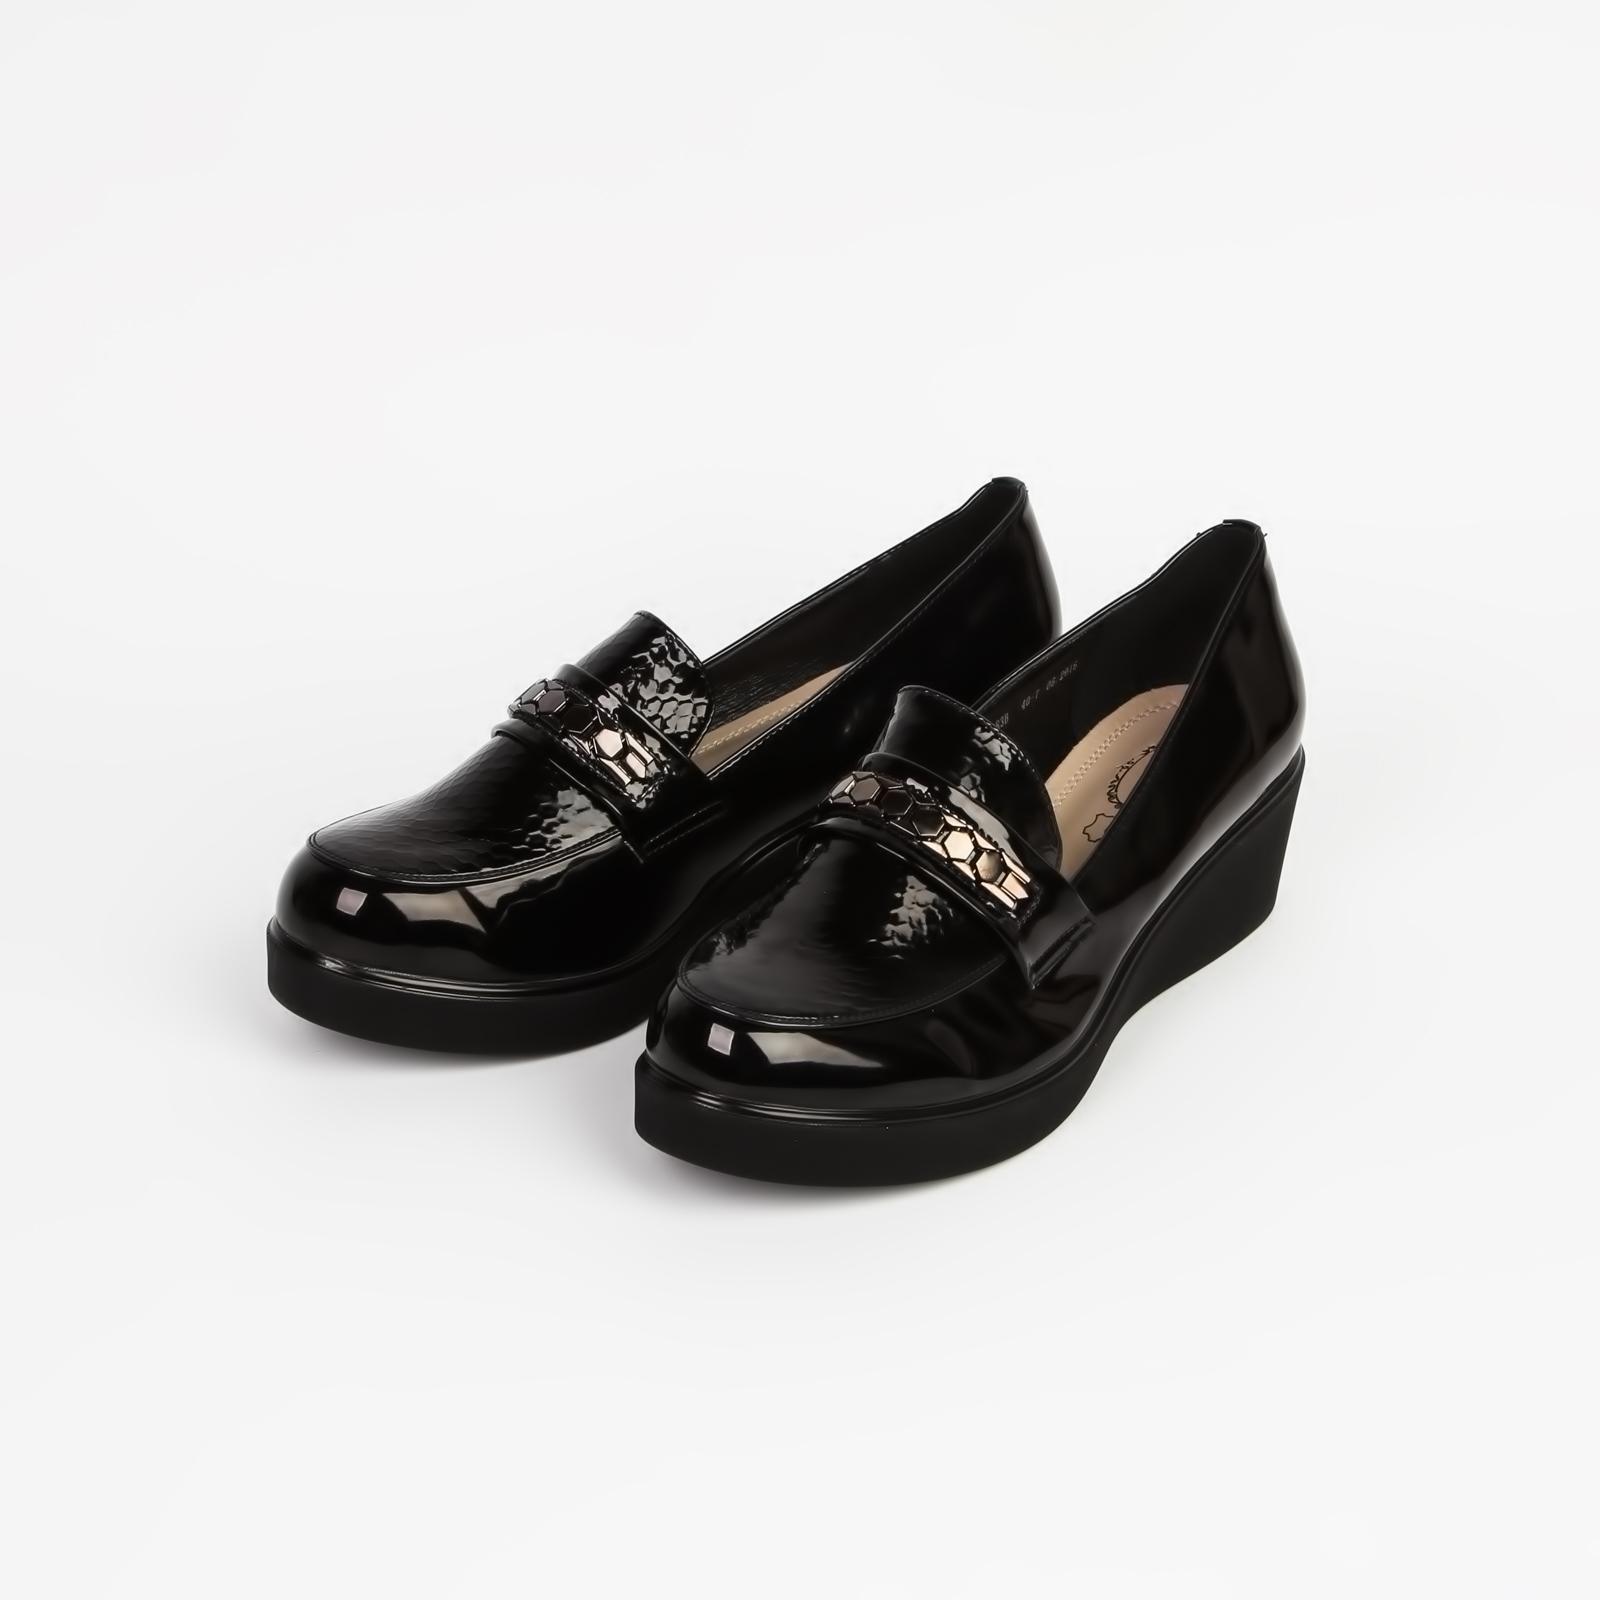 Туфли женские лакированные с декорацией на «язычке» на средней танкетке